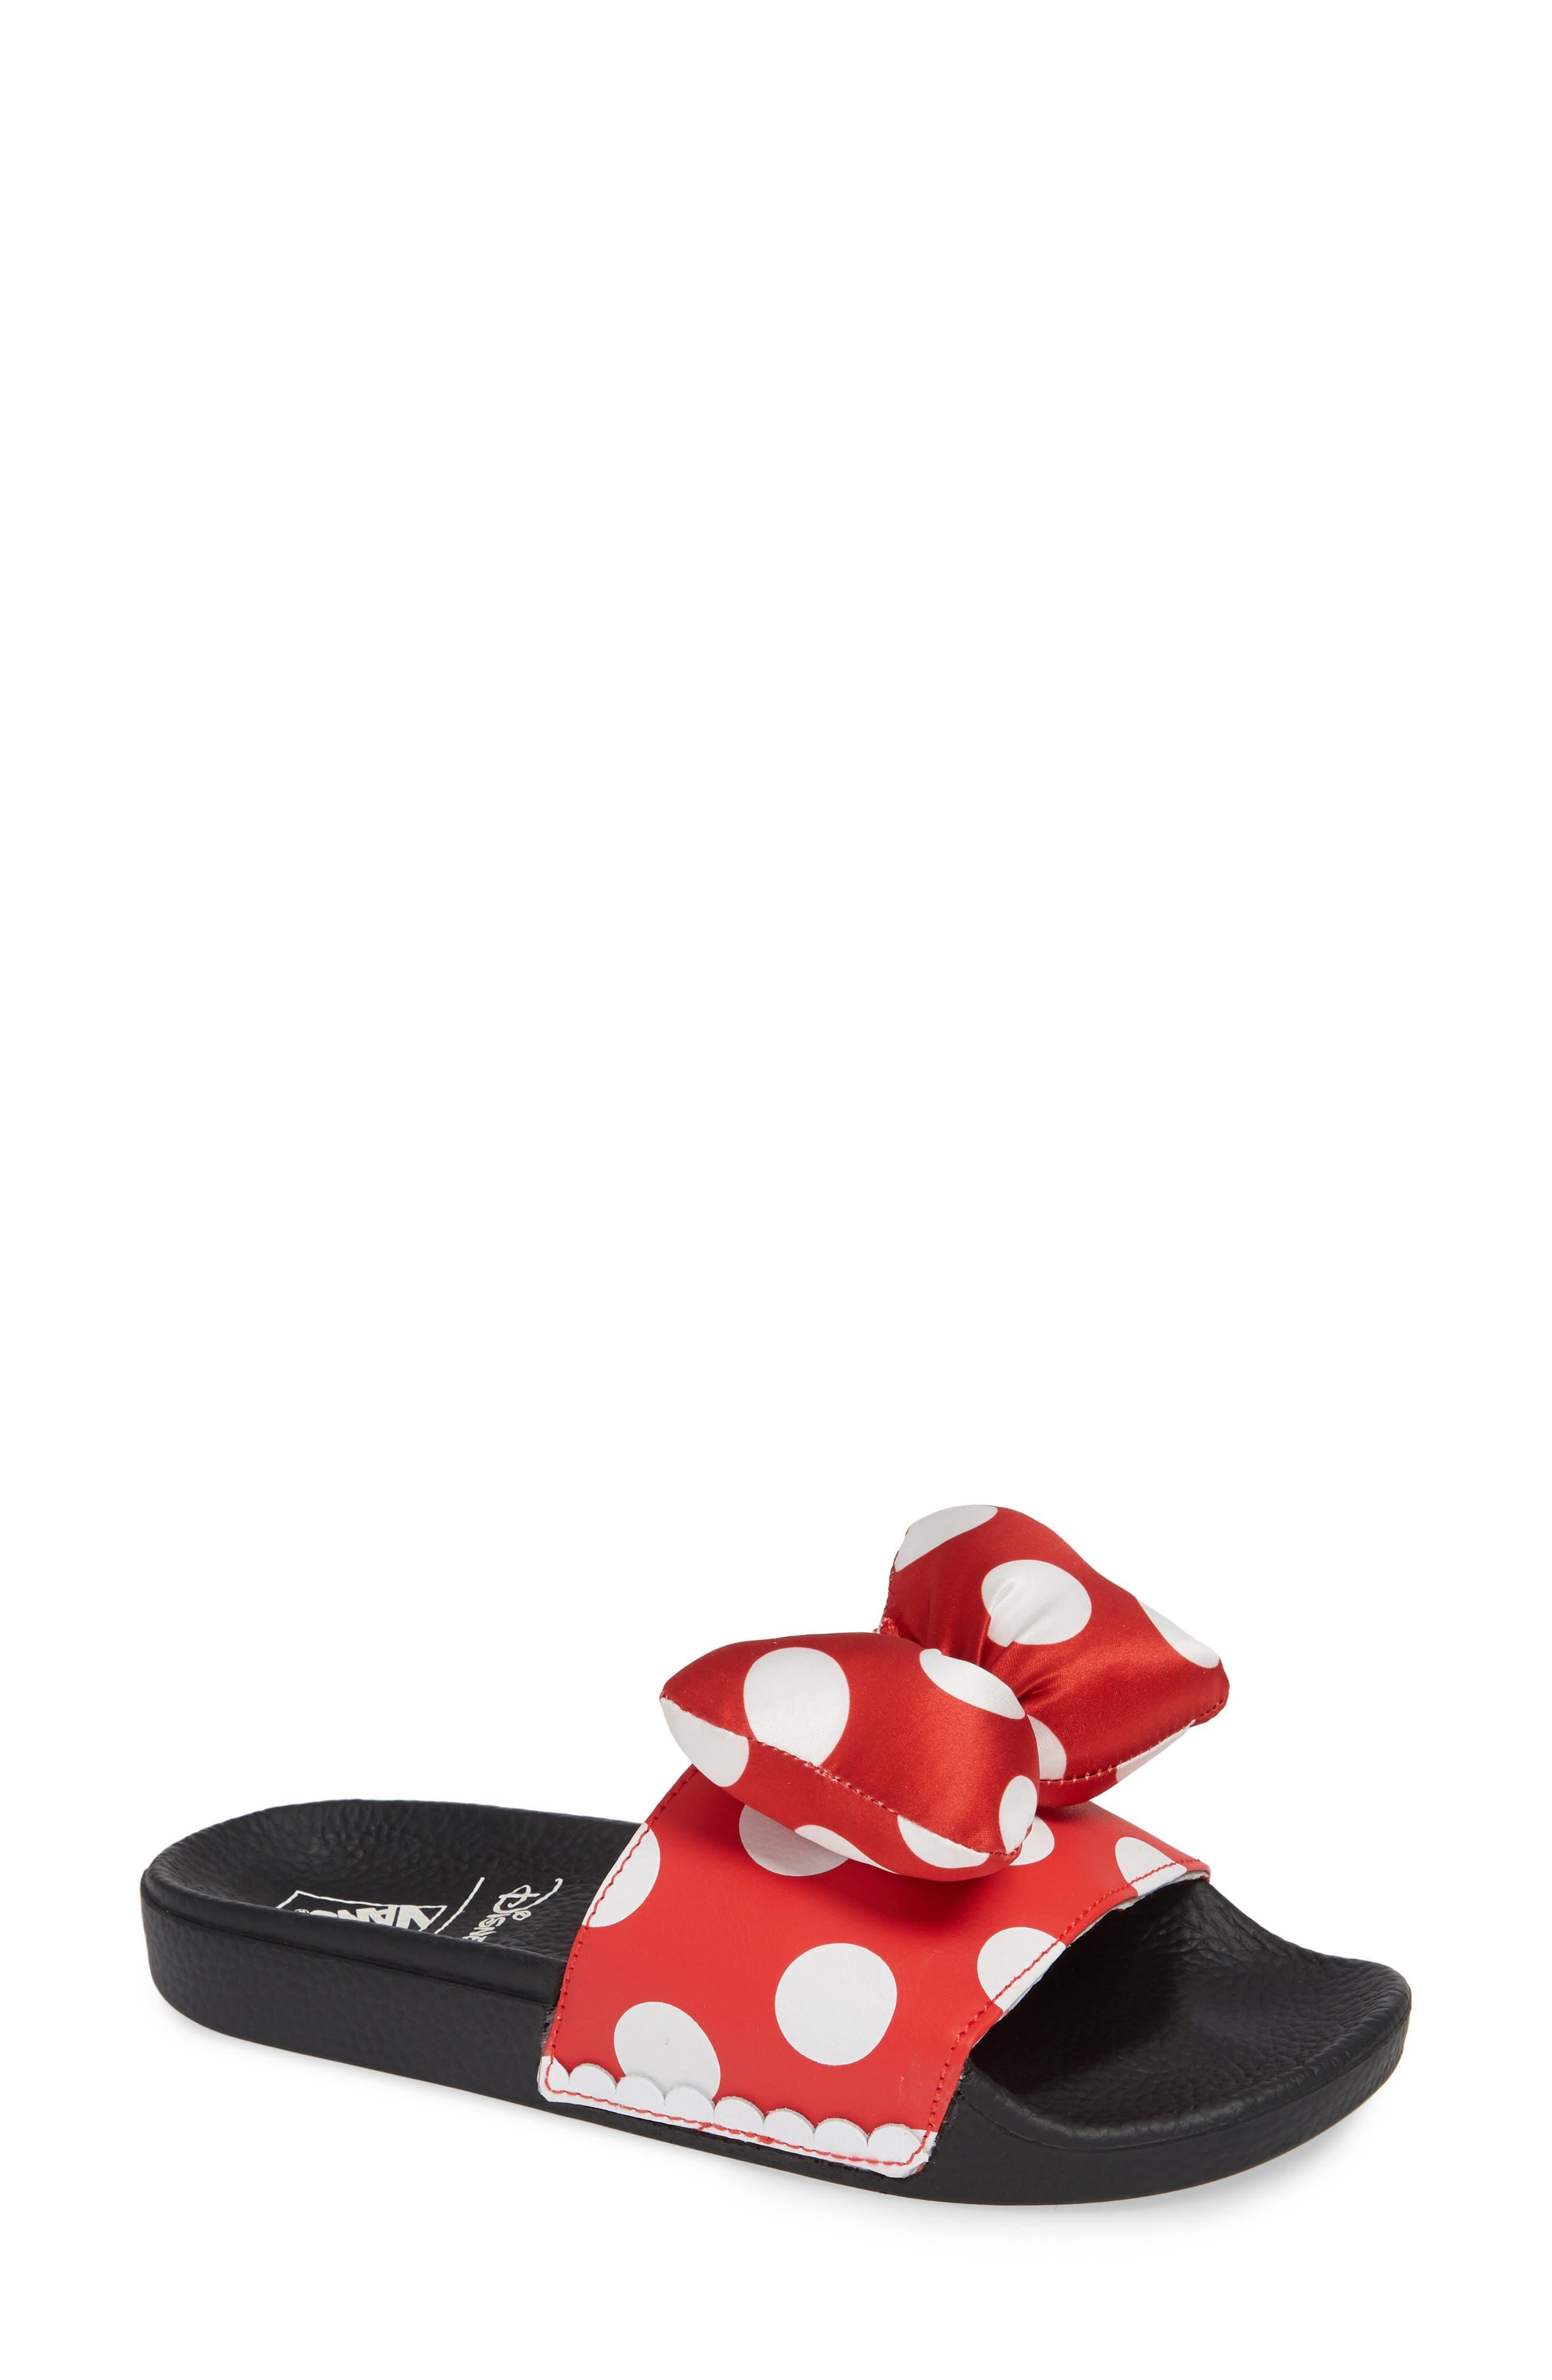 x Disney Minnie Mouse Slide Sandal,                             Main thumbnail 1, color,                             600